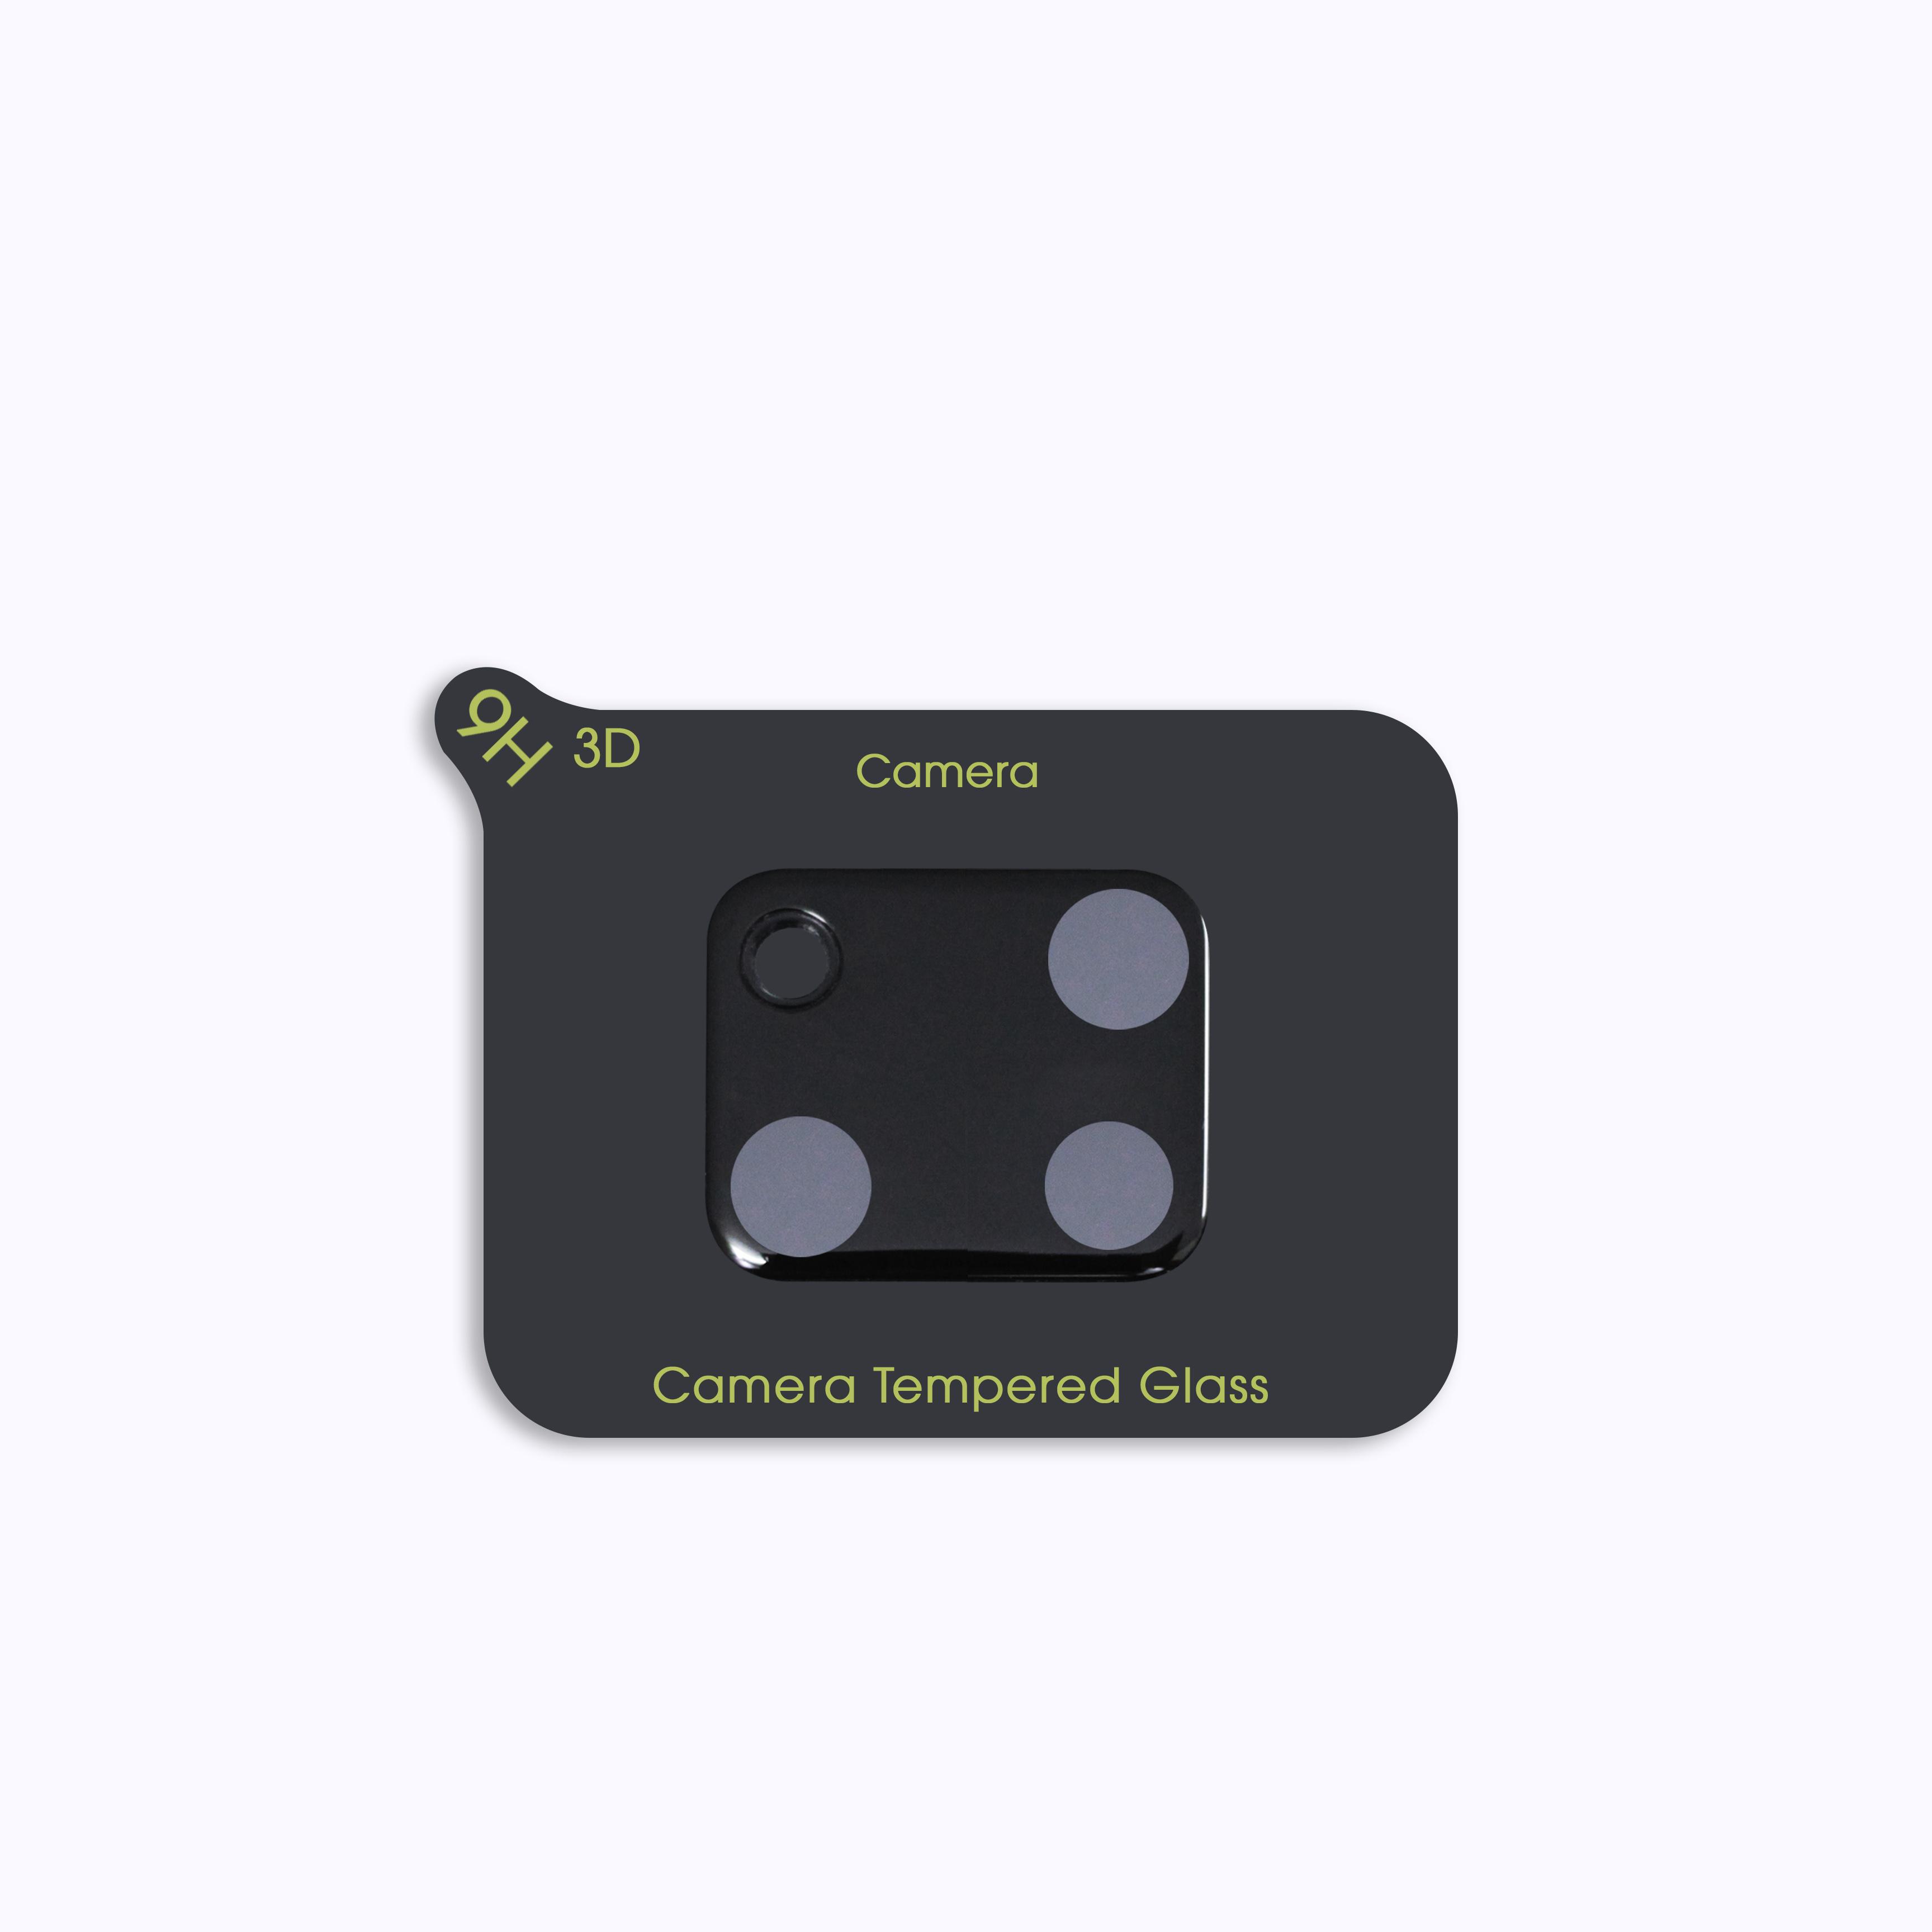 Bộ Cụm Bảo Vệ Gắn Liền Kính Cường Lực Camera Samsung Galaxy Note 10 Lite/ S10 Lite- HÀNG CHÍNH HÃNG